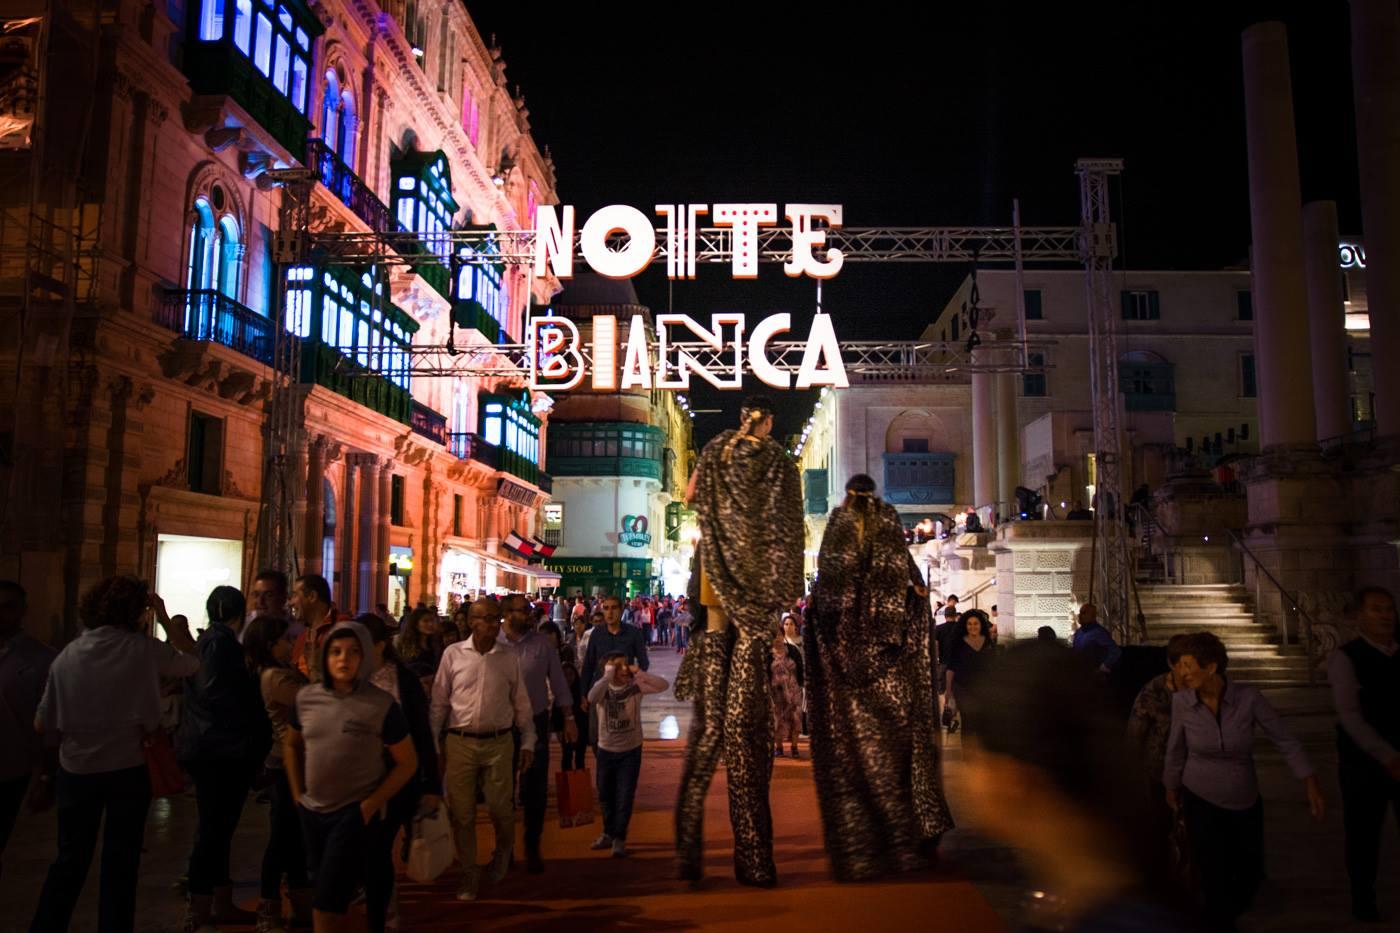 This Weekend – Notte Bianca 2018 in Valletta